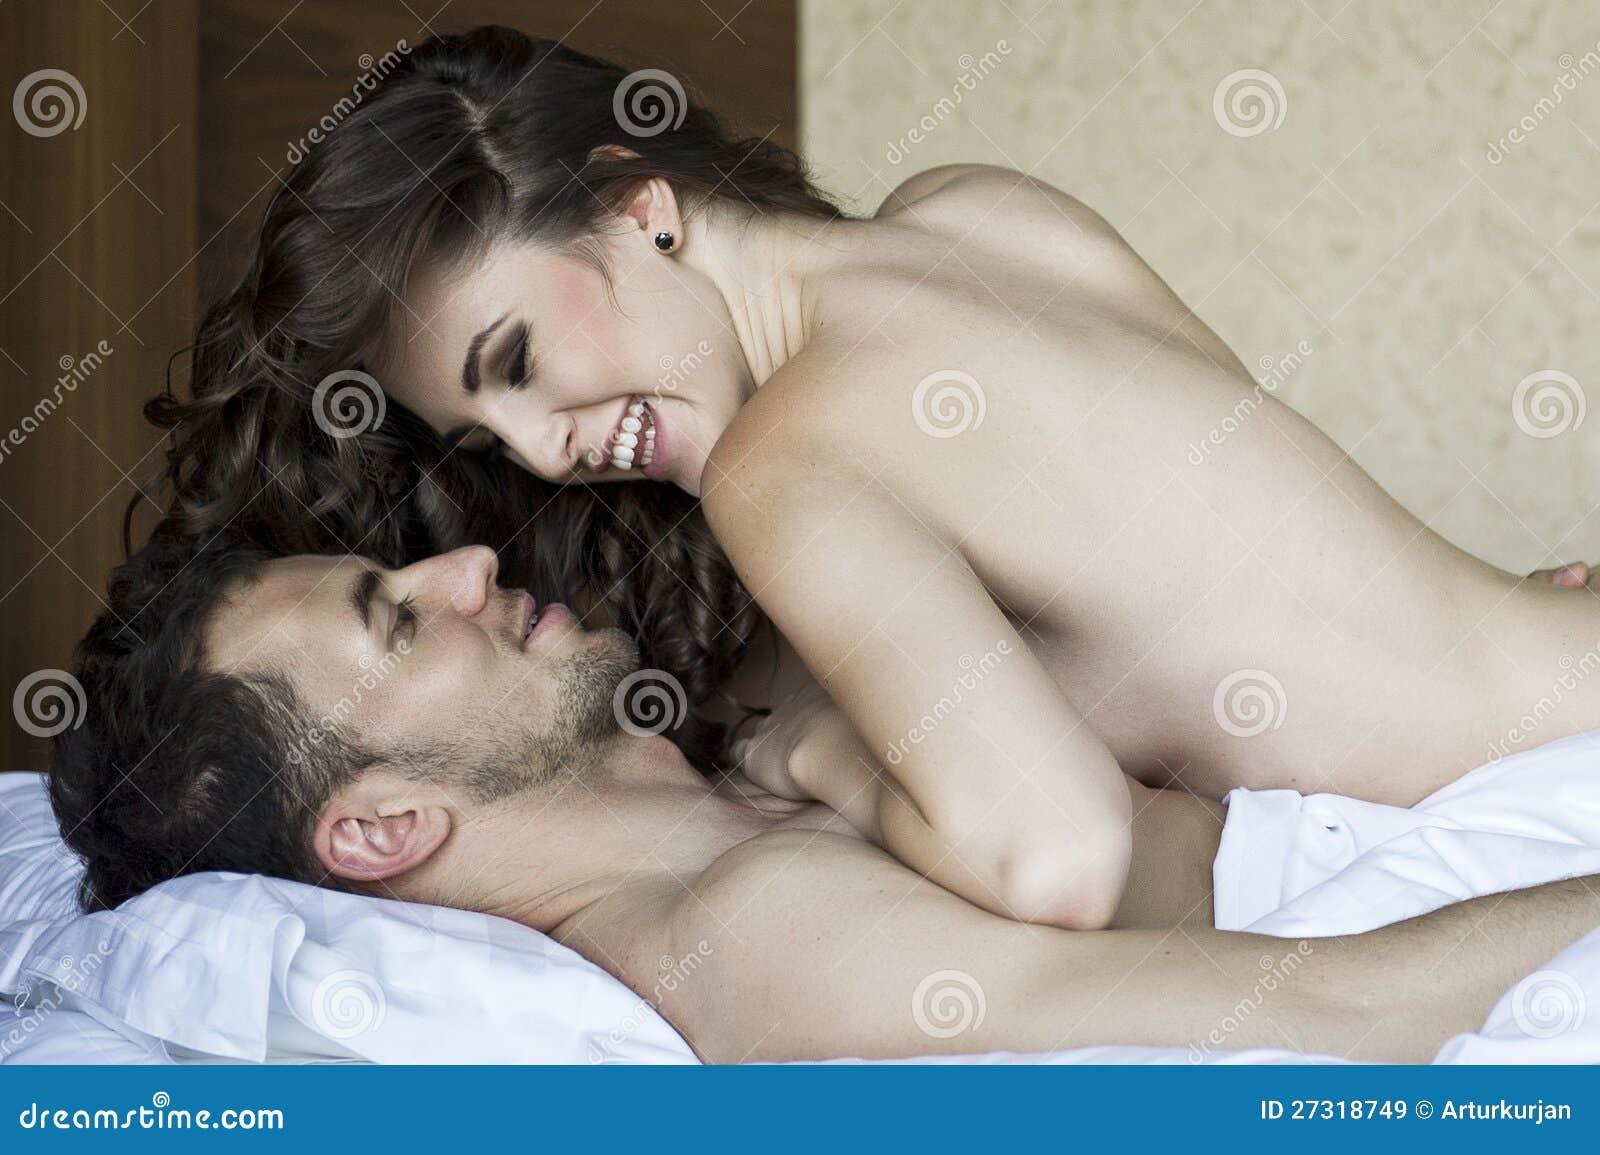 Традиционный секс в постели 10 фотография